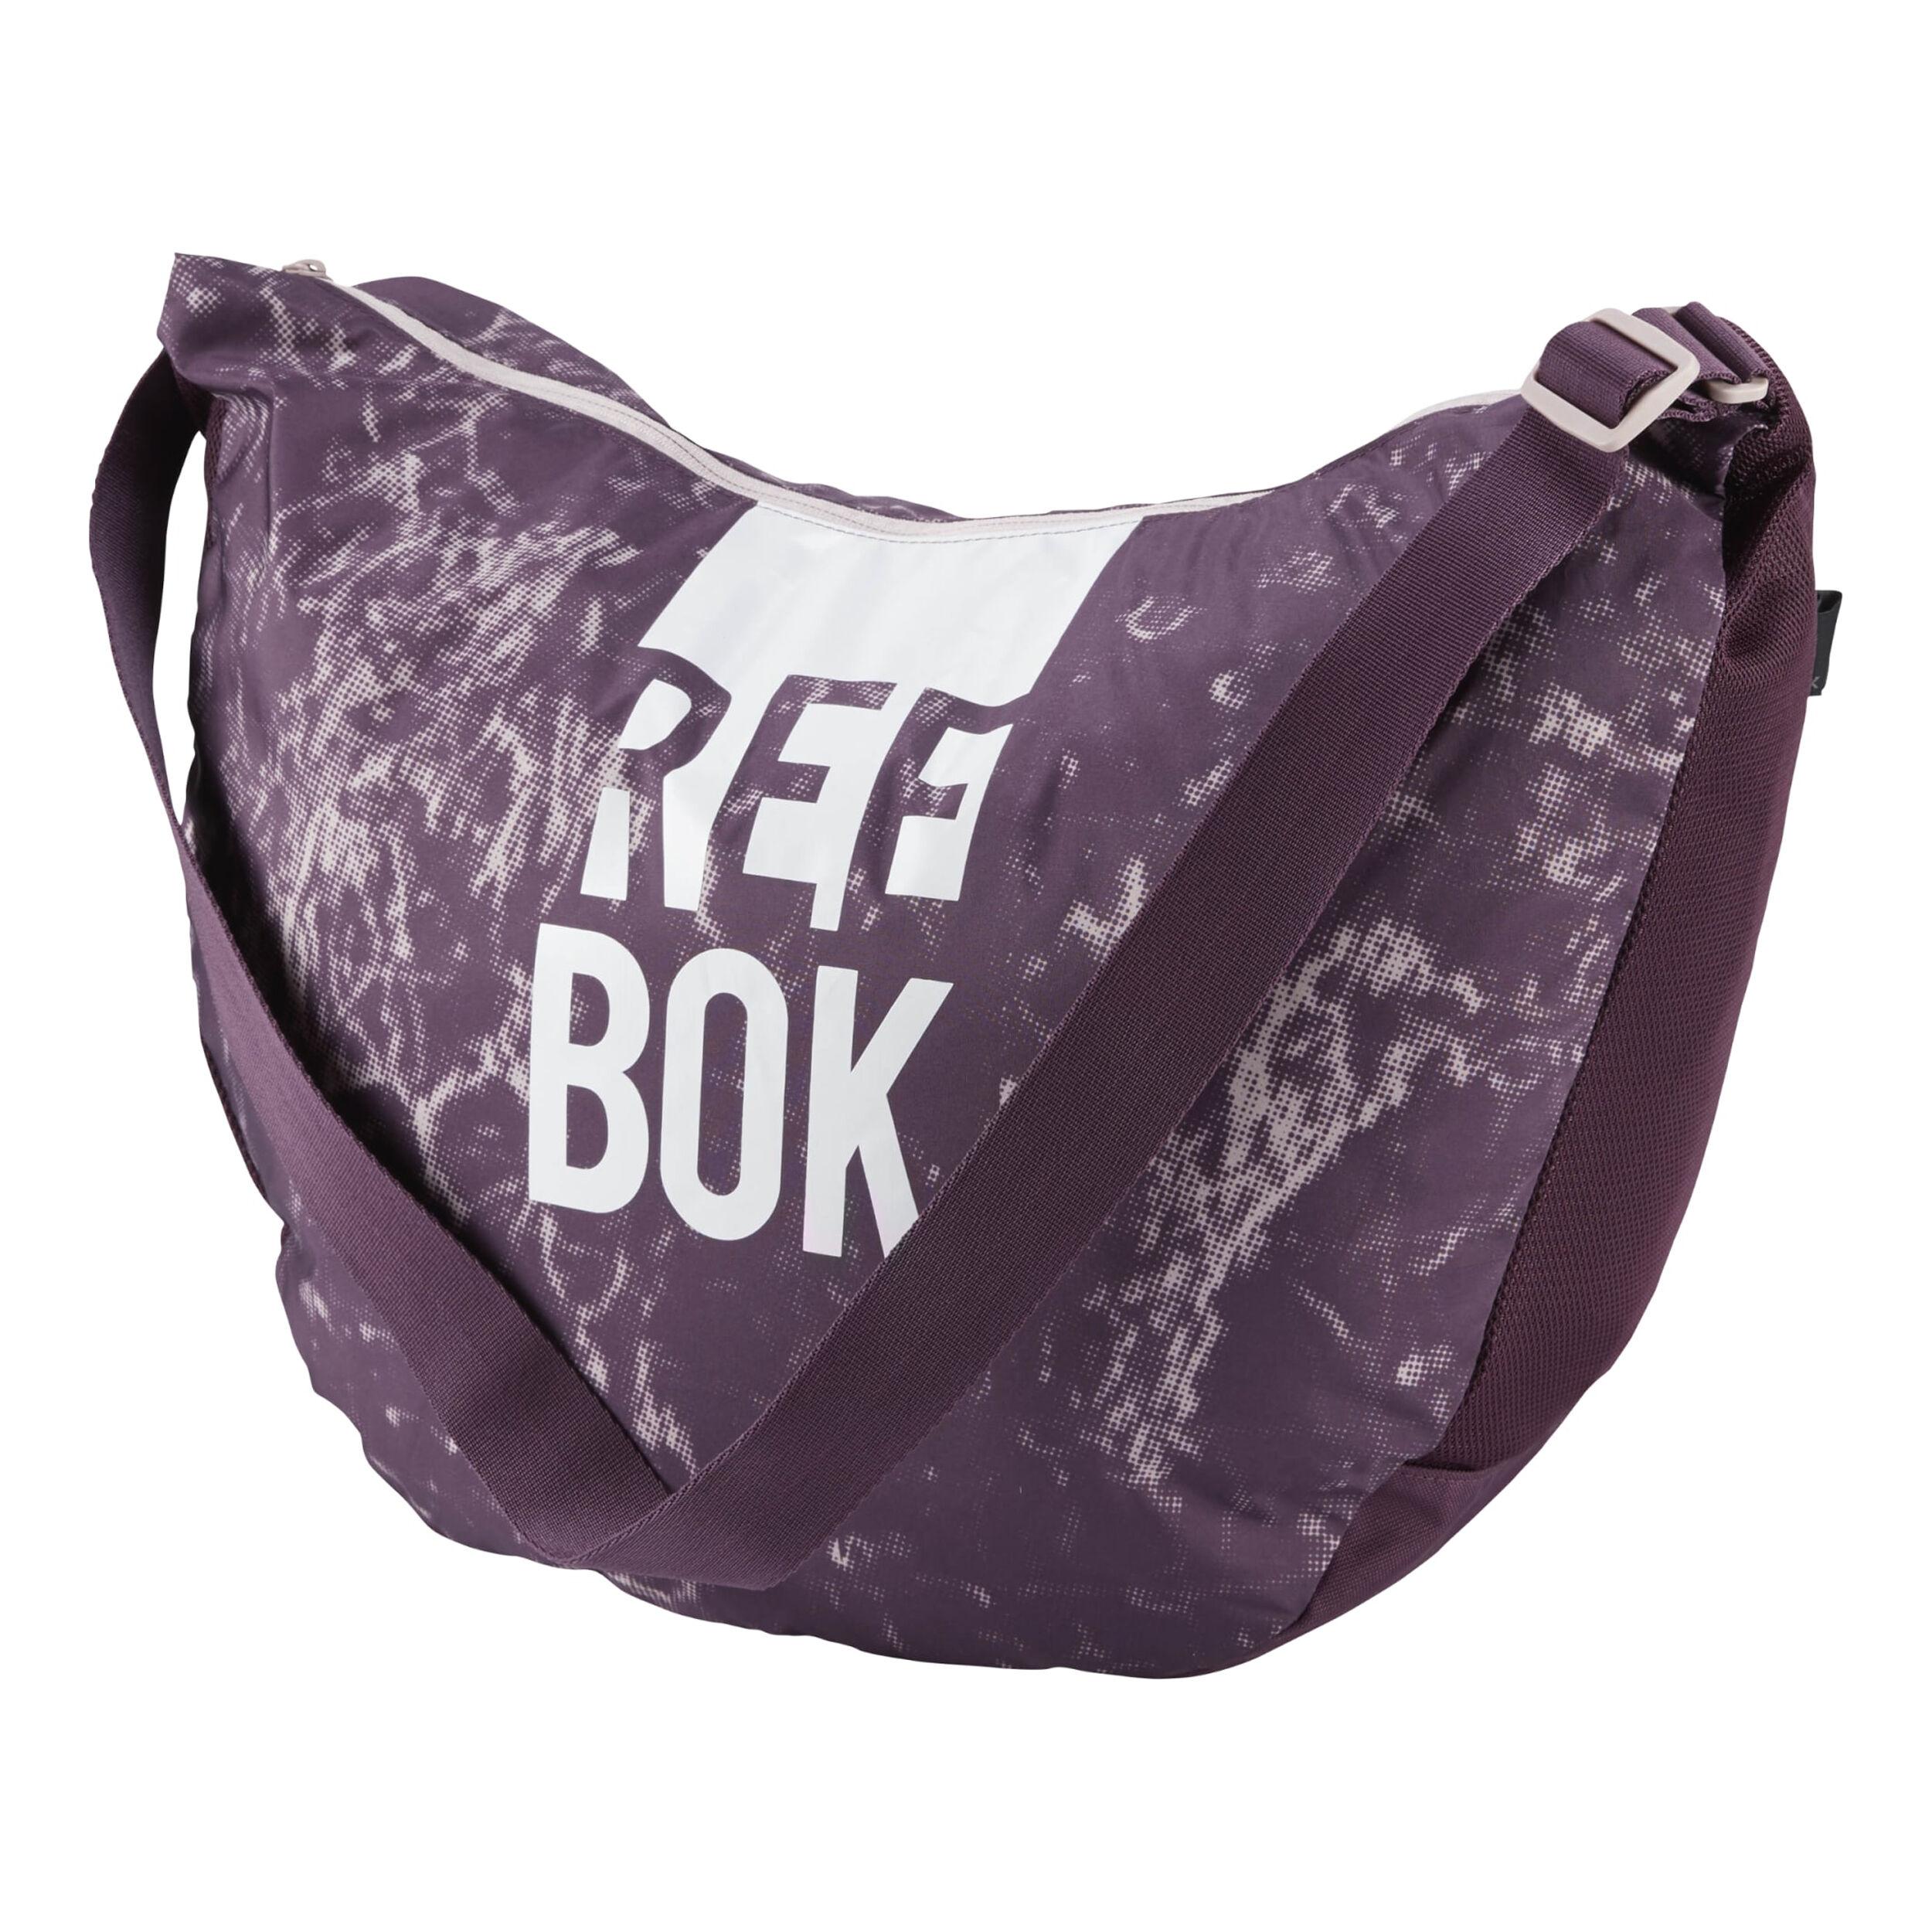 Tennistaschen von Reebok online kaufen | Tennis Point